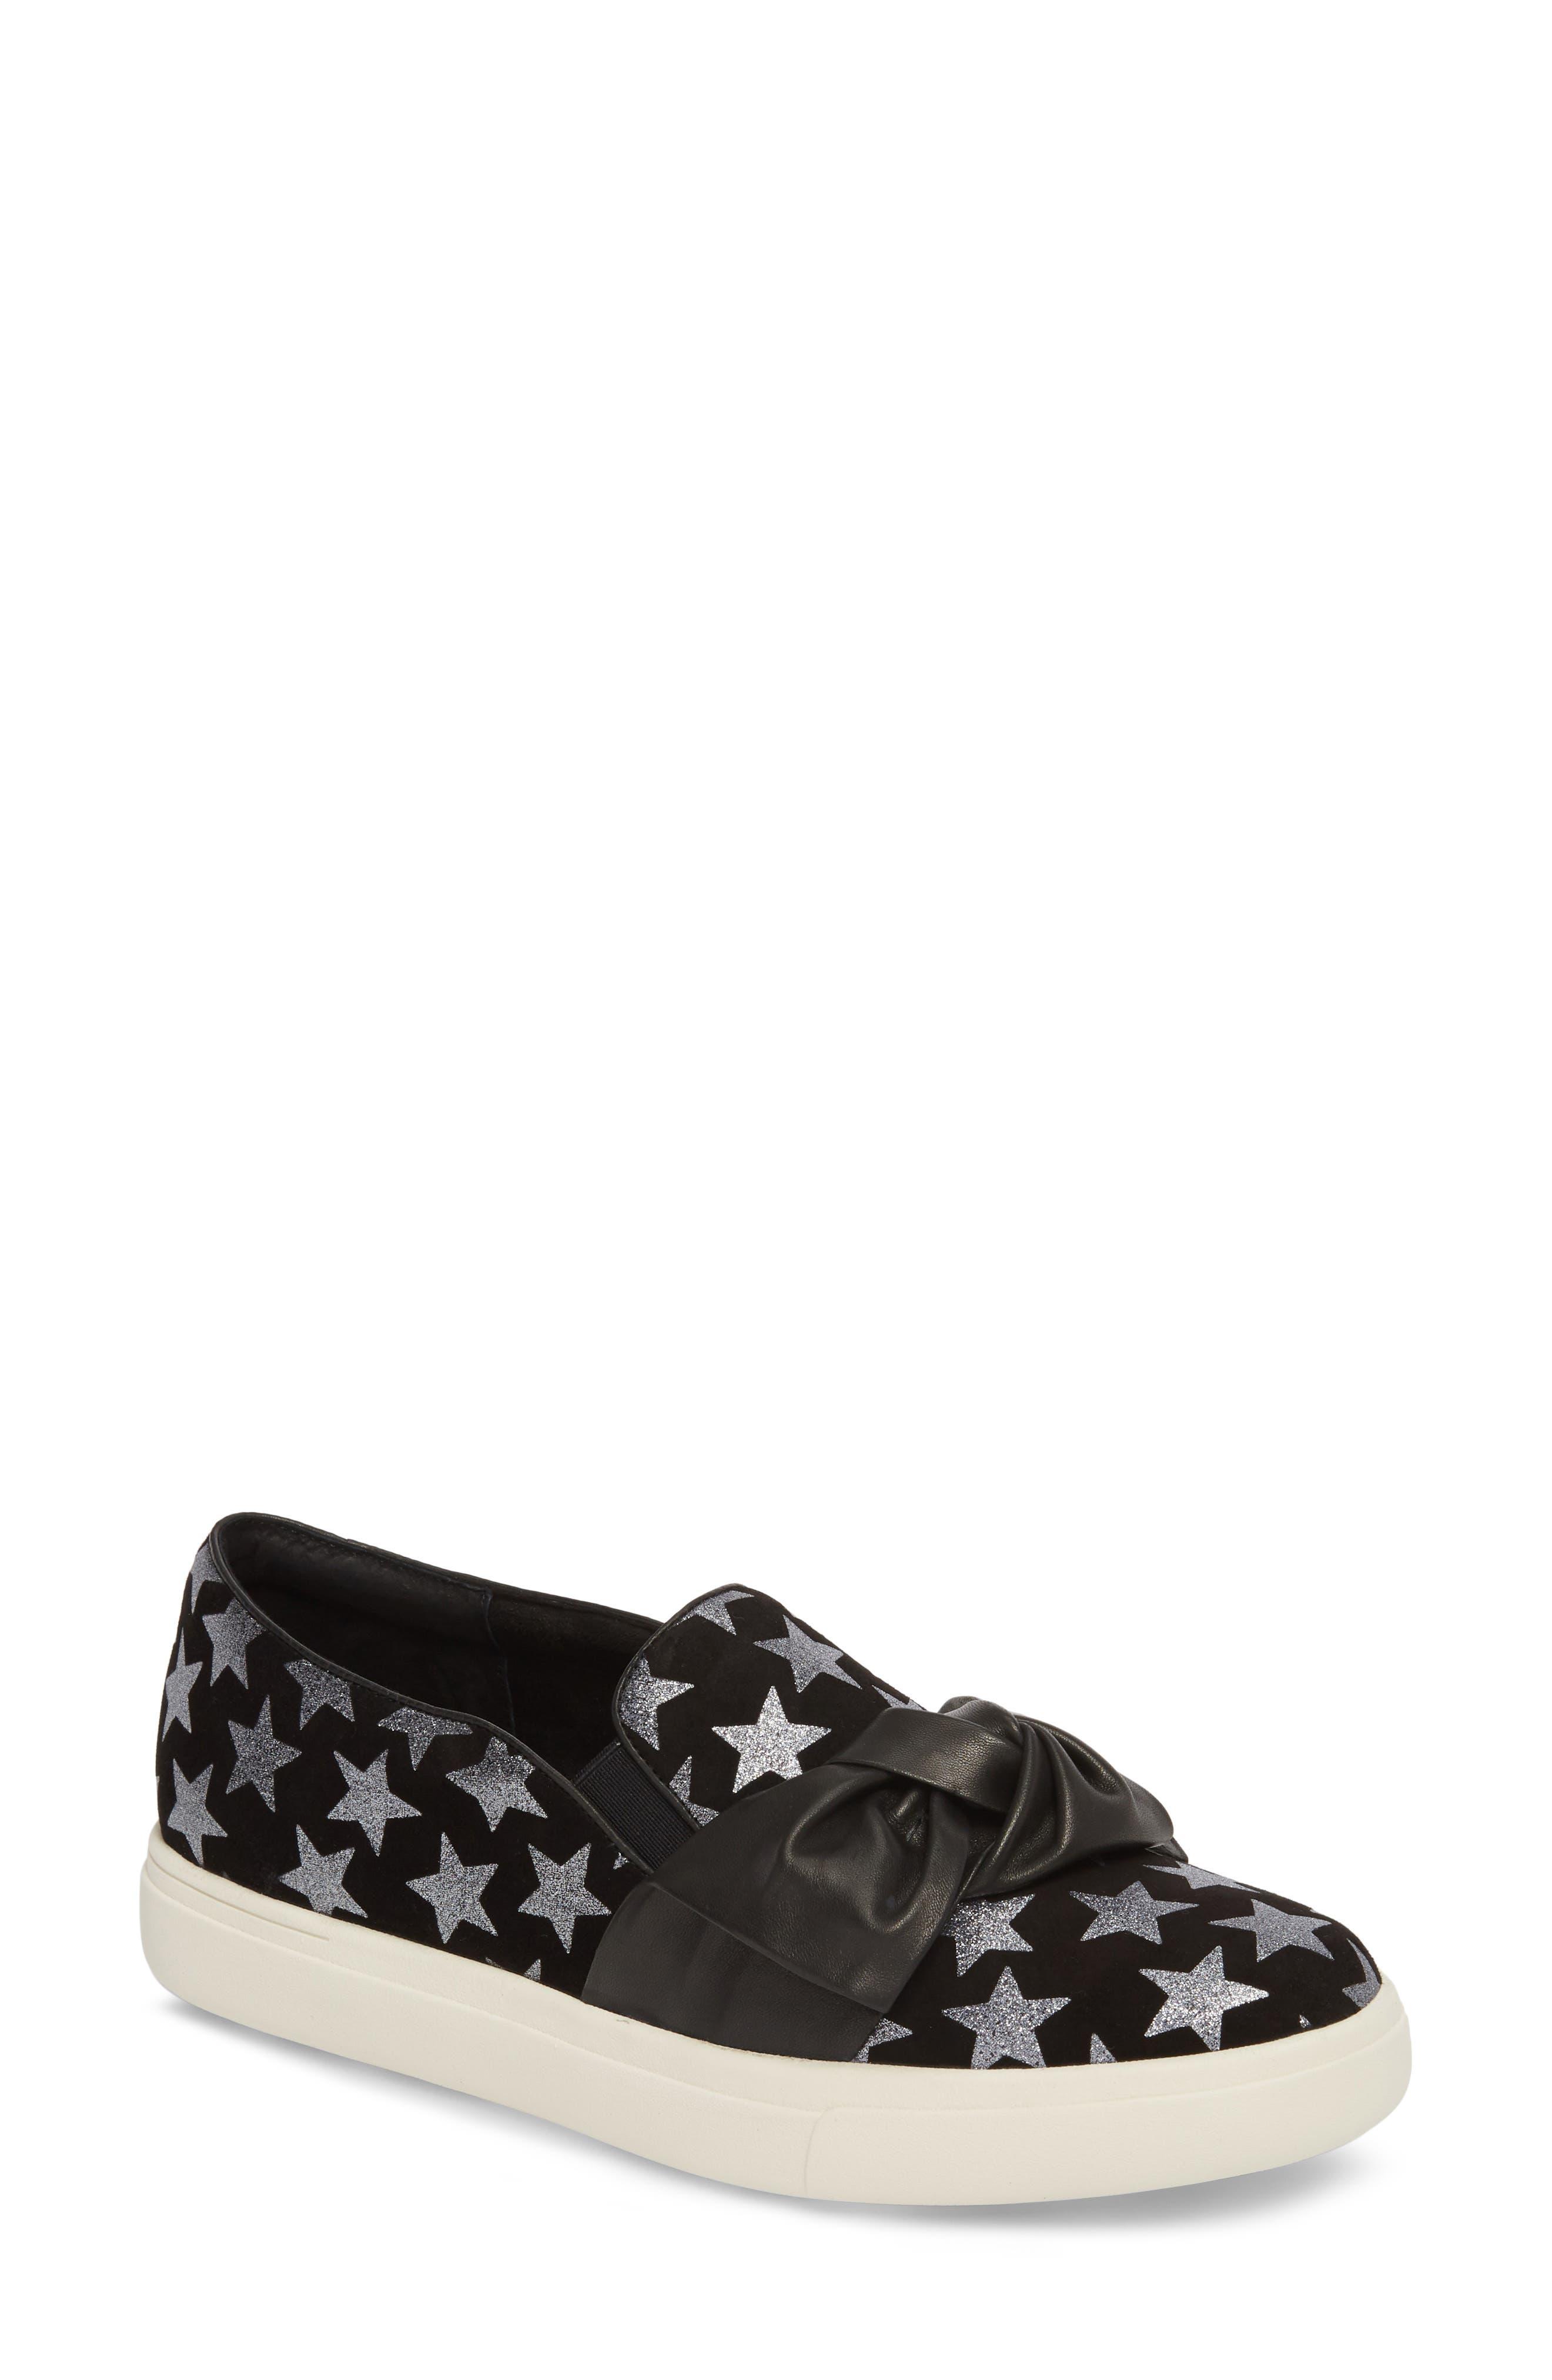 Odelet Slip-On Sneaker,                         Main,                         color, BLACK/ PEWTER SUEDE